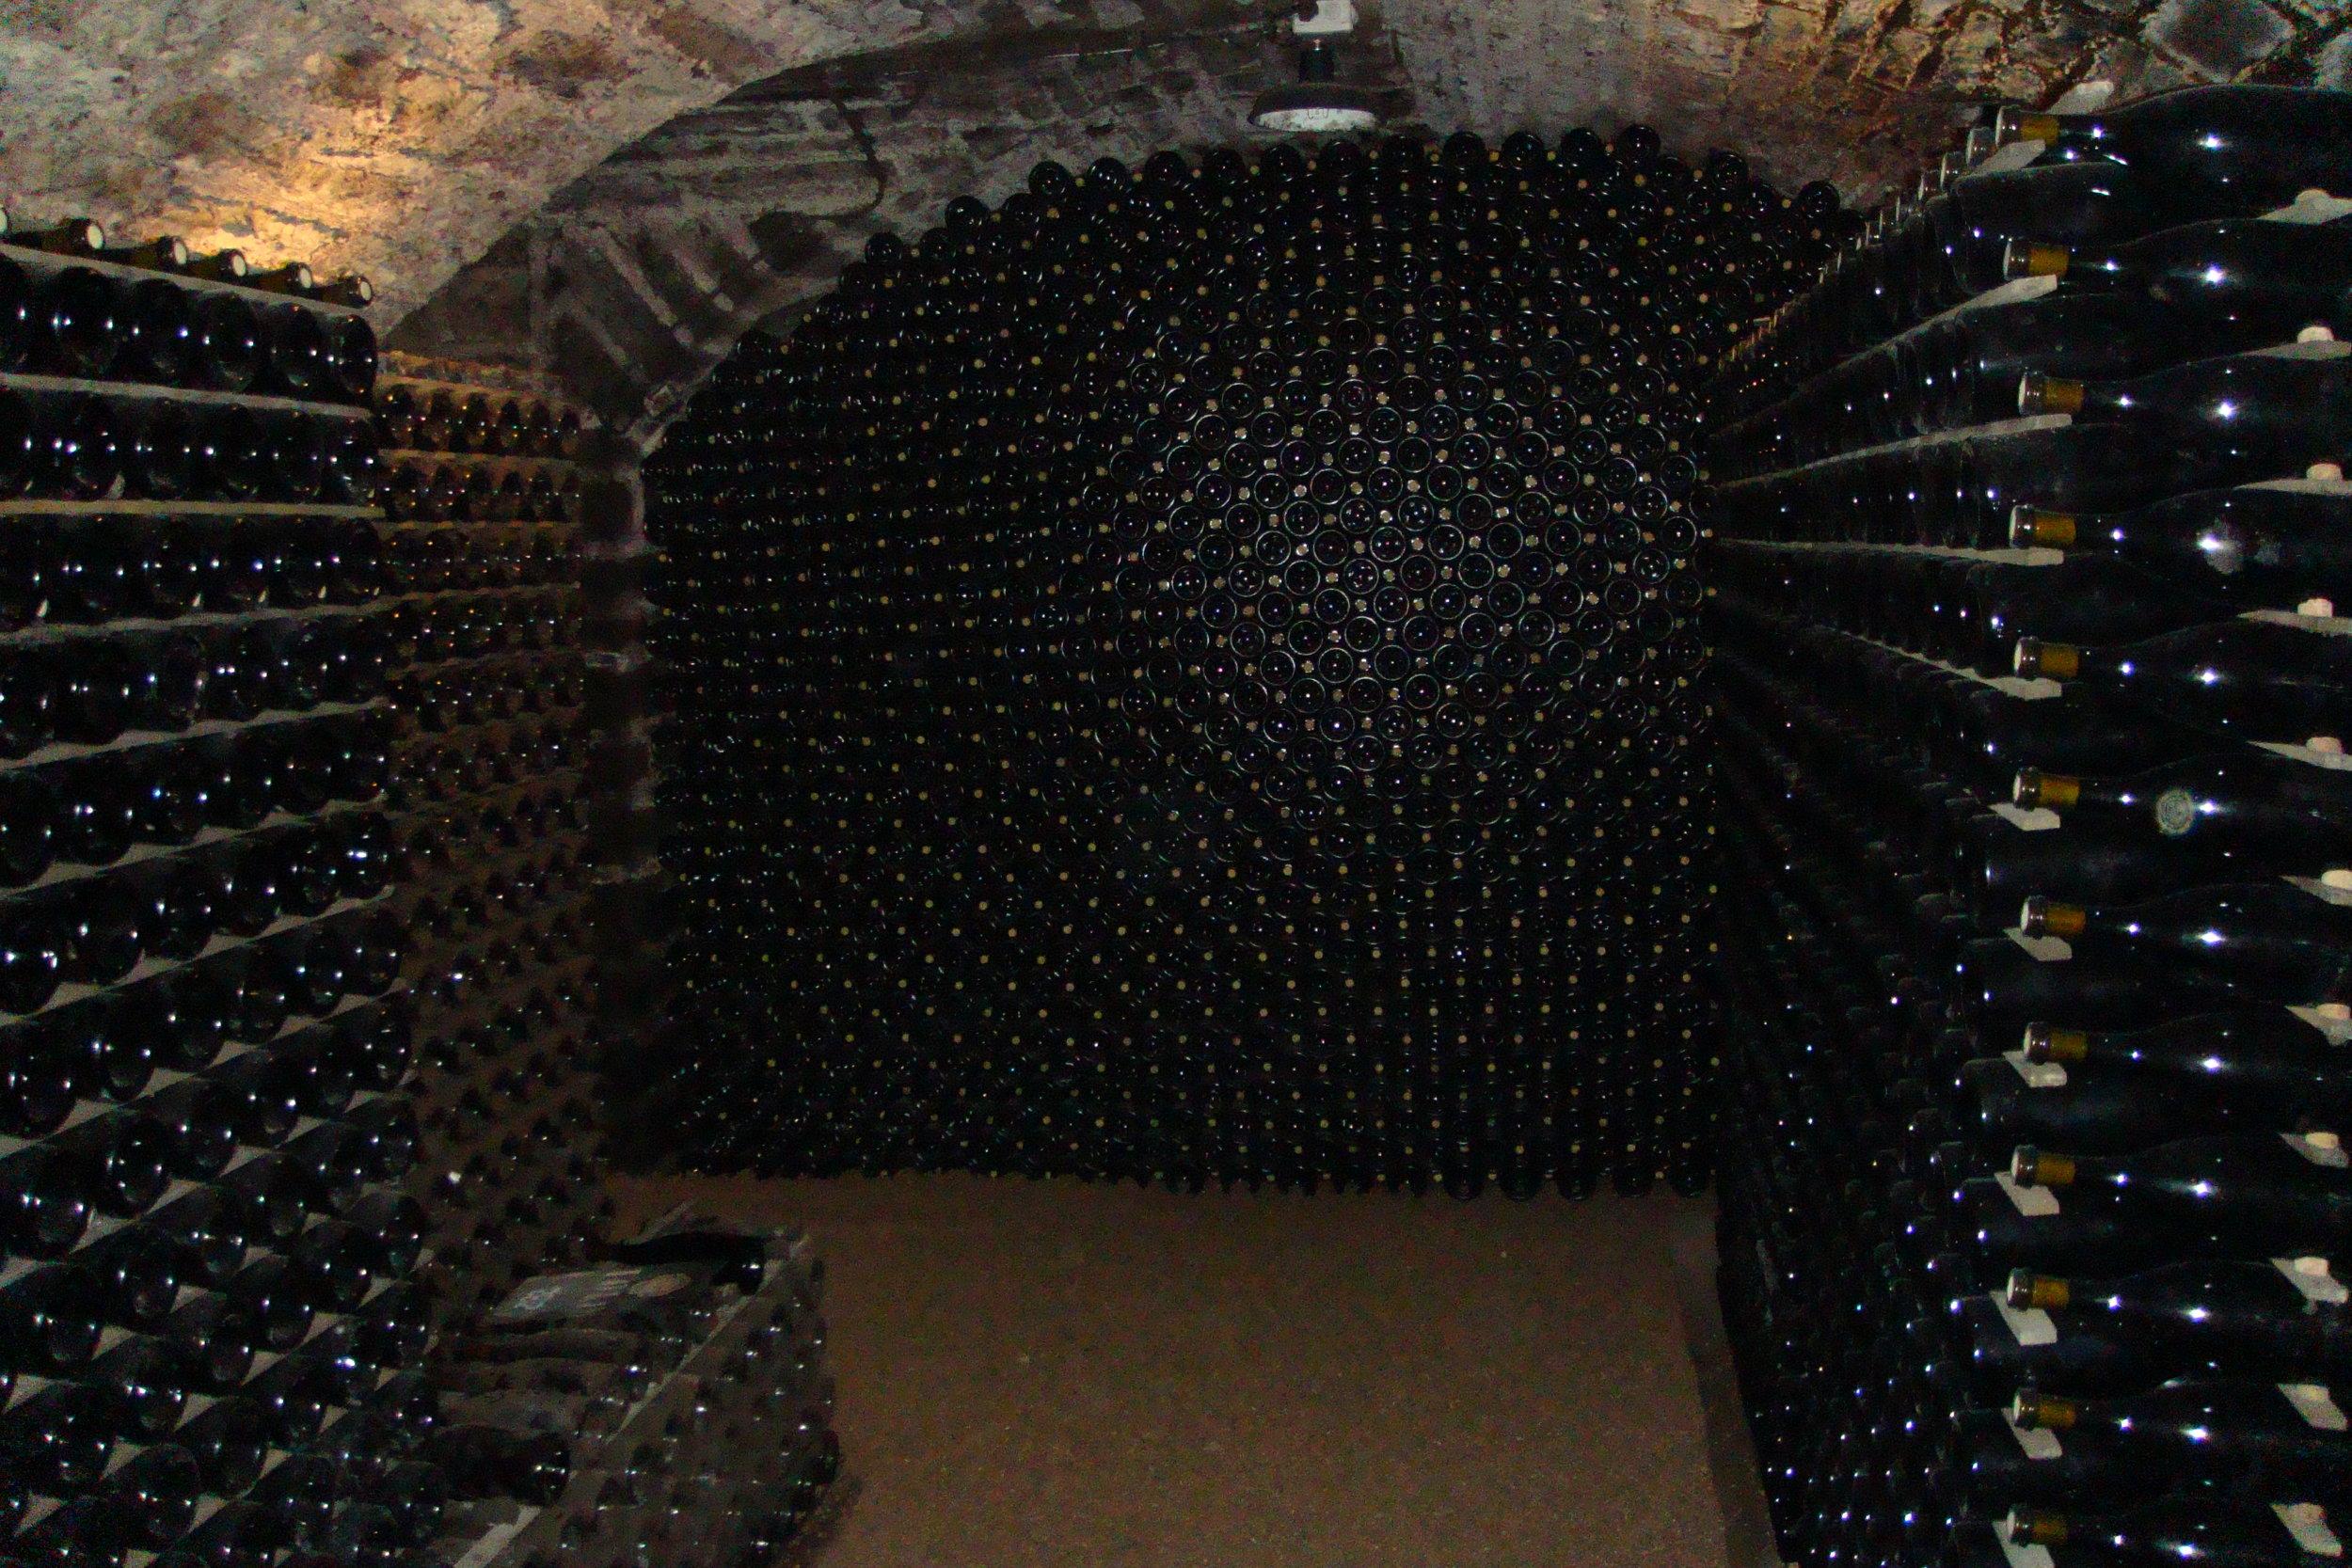 Burgundy_wine_aging_in_wine_cave.jpg